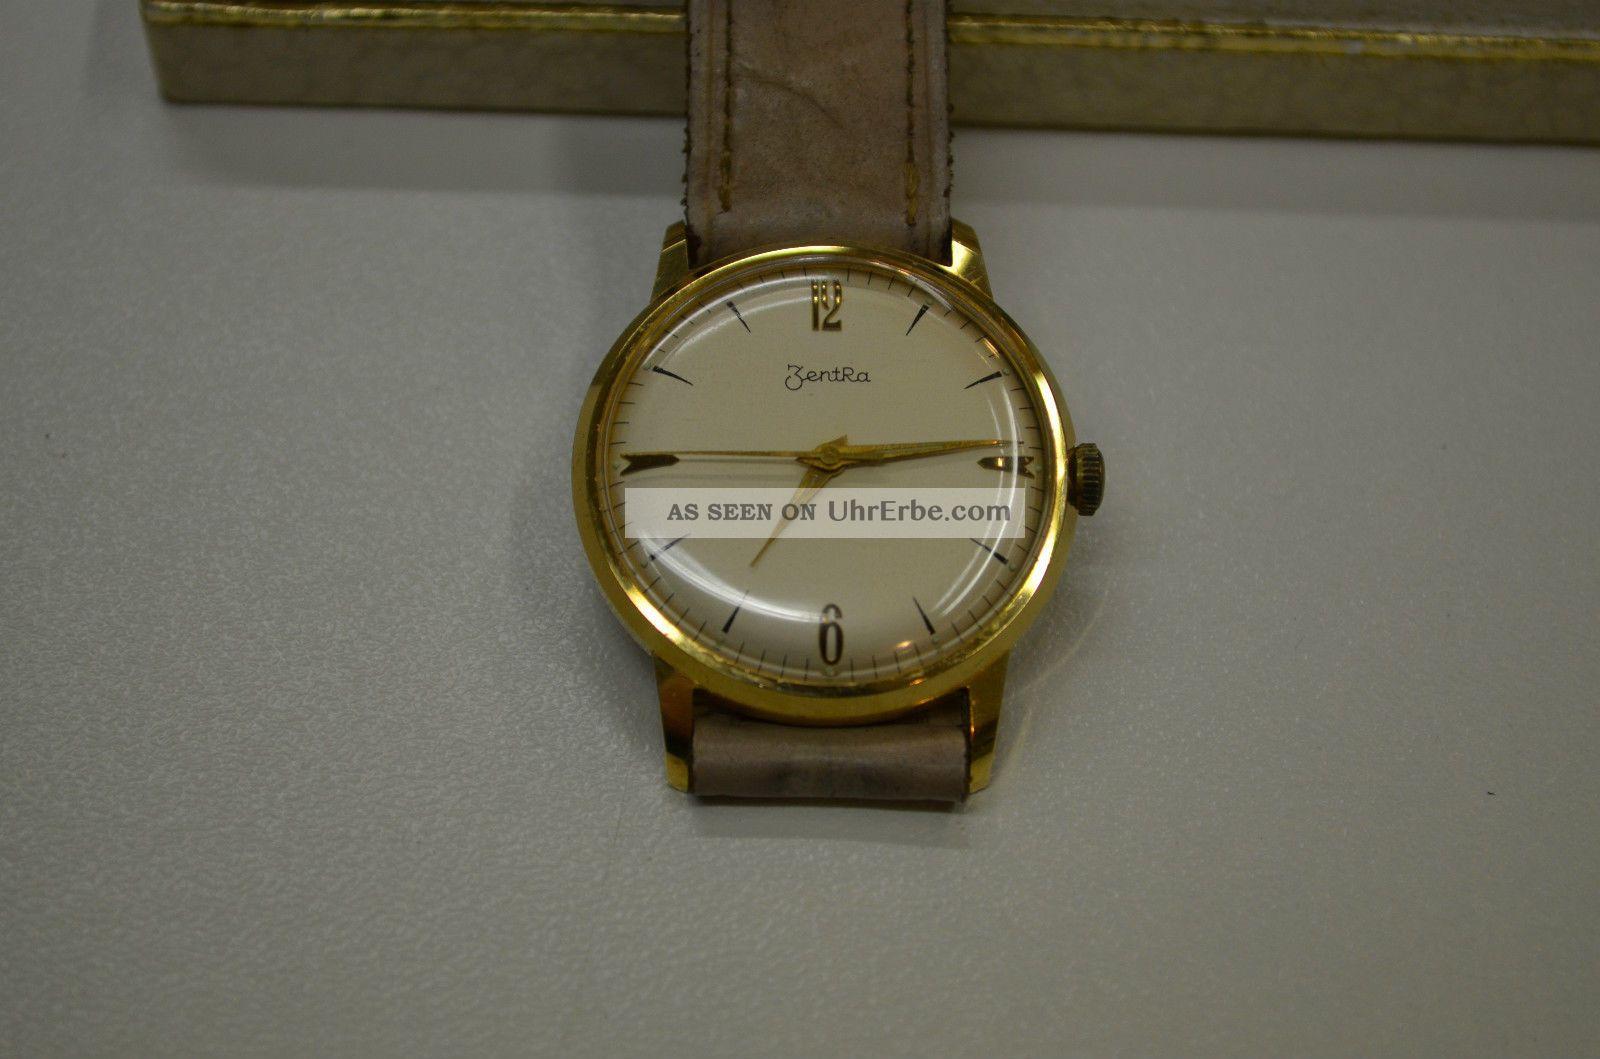 Zentra - Deutsche Vintage Handaufzugsuhr Der 60er Jahre Armbanduhren Bild